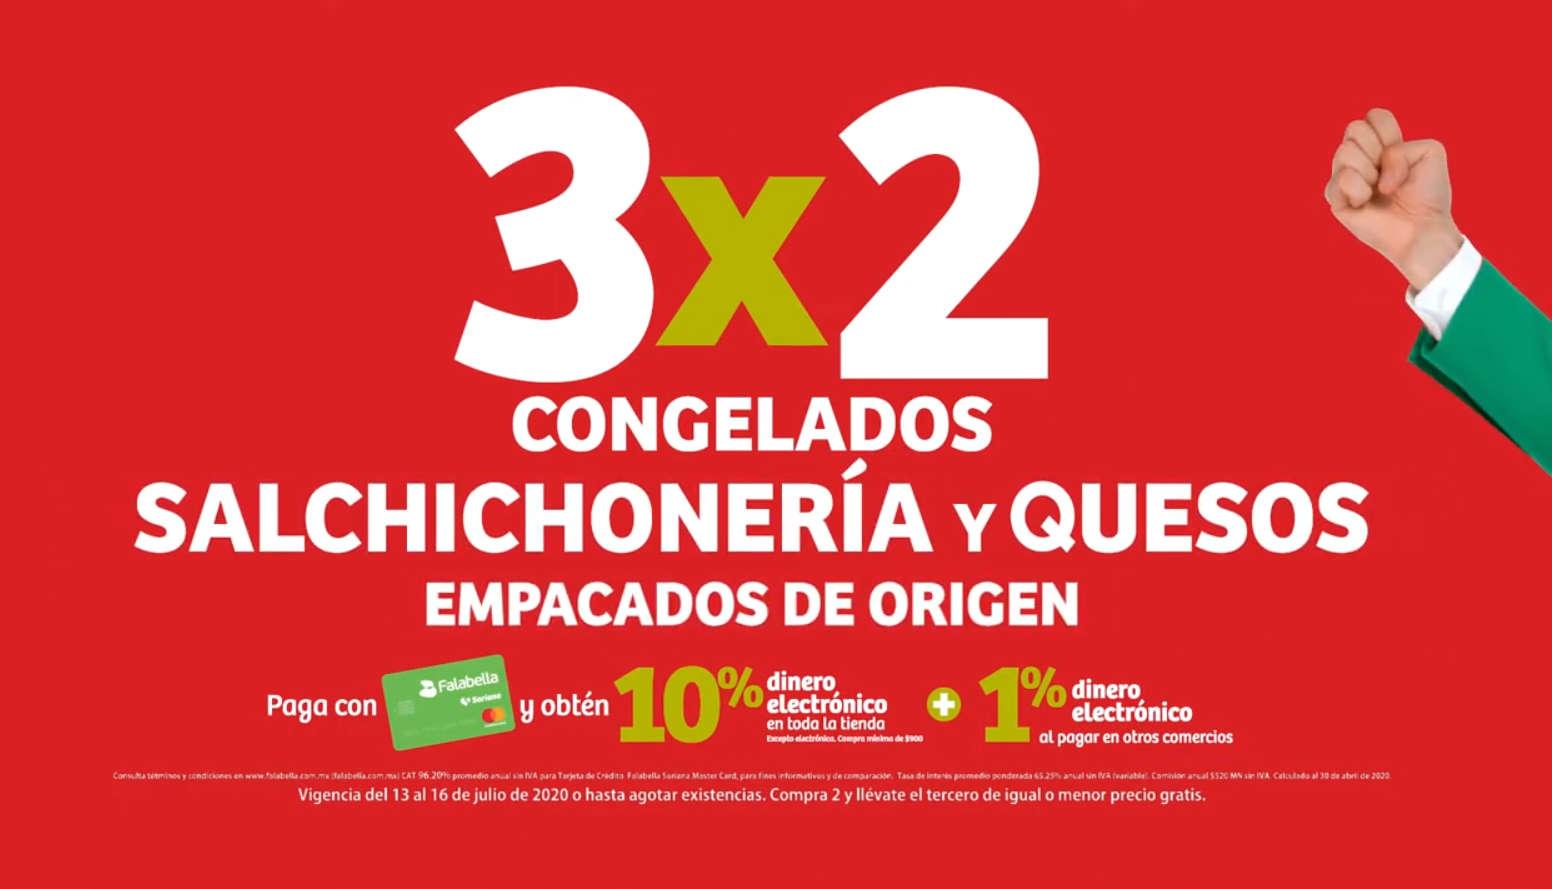 Julio Regalado 2020: 3×2 en congelados, salchichonería y quesos